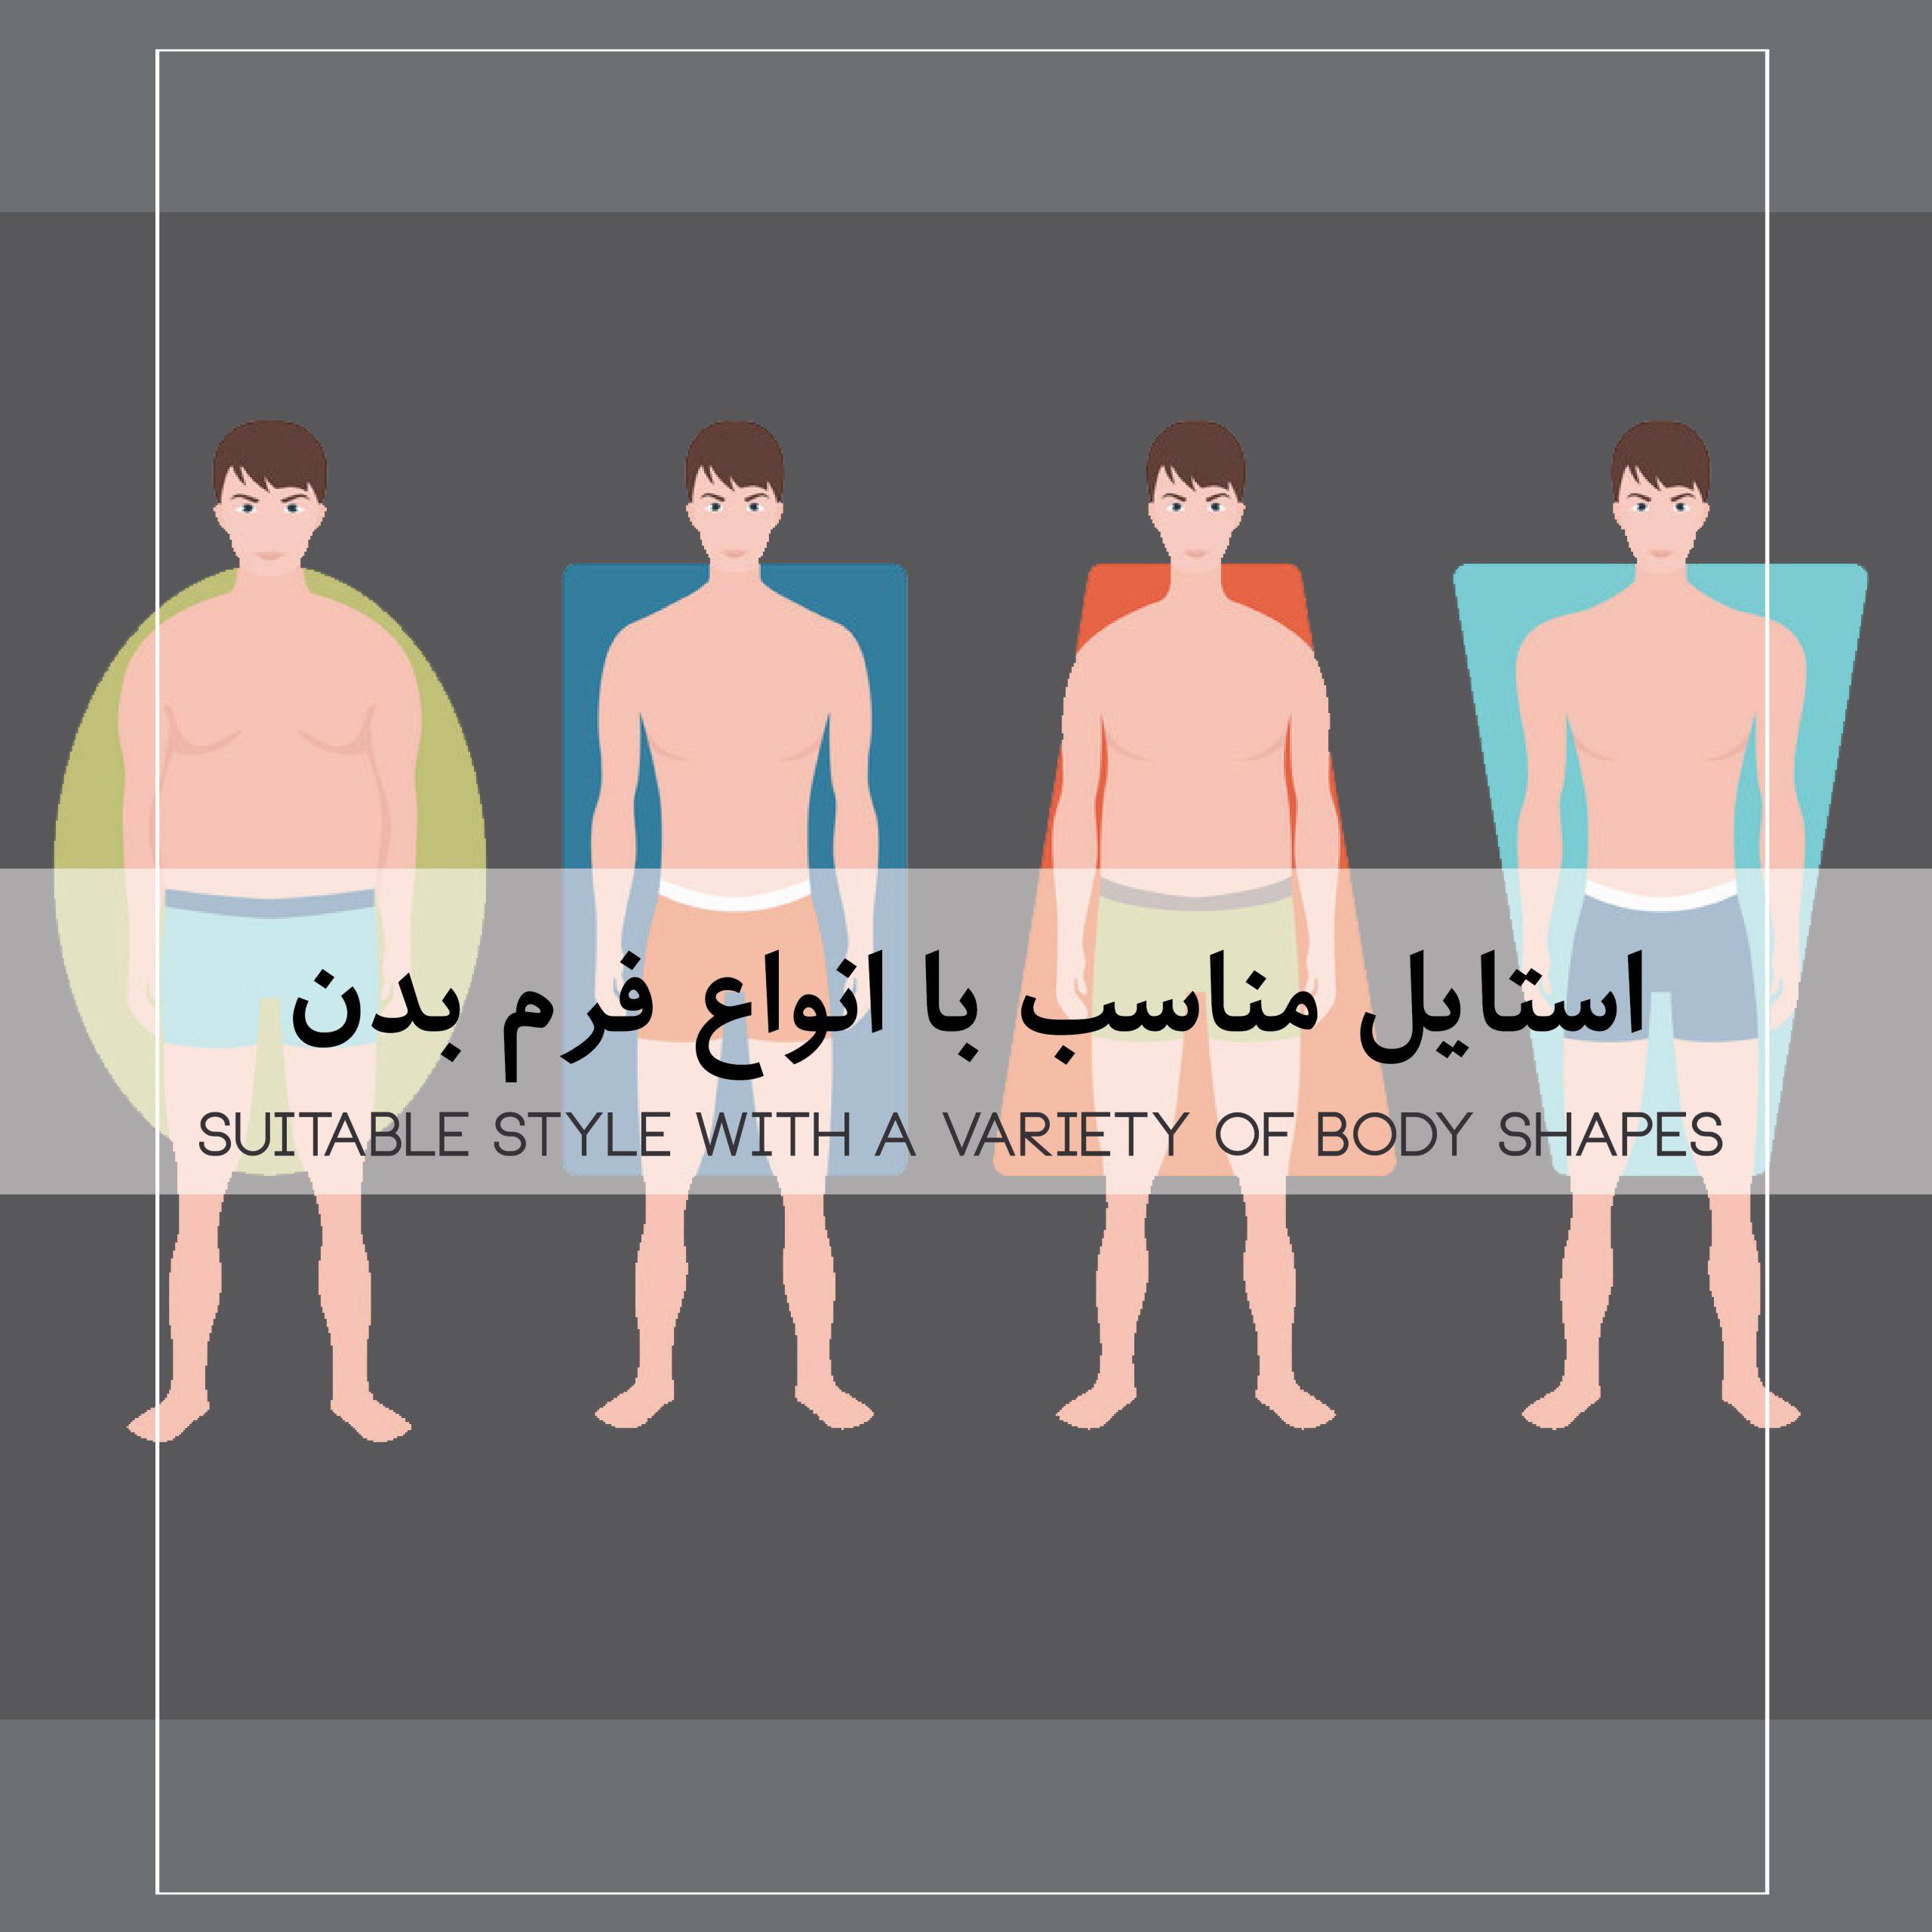 انواع فرم بدن و استایل مناسب